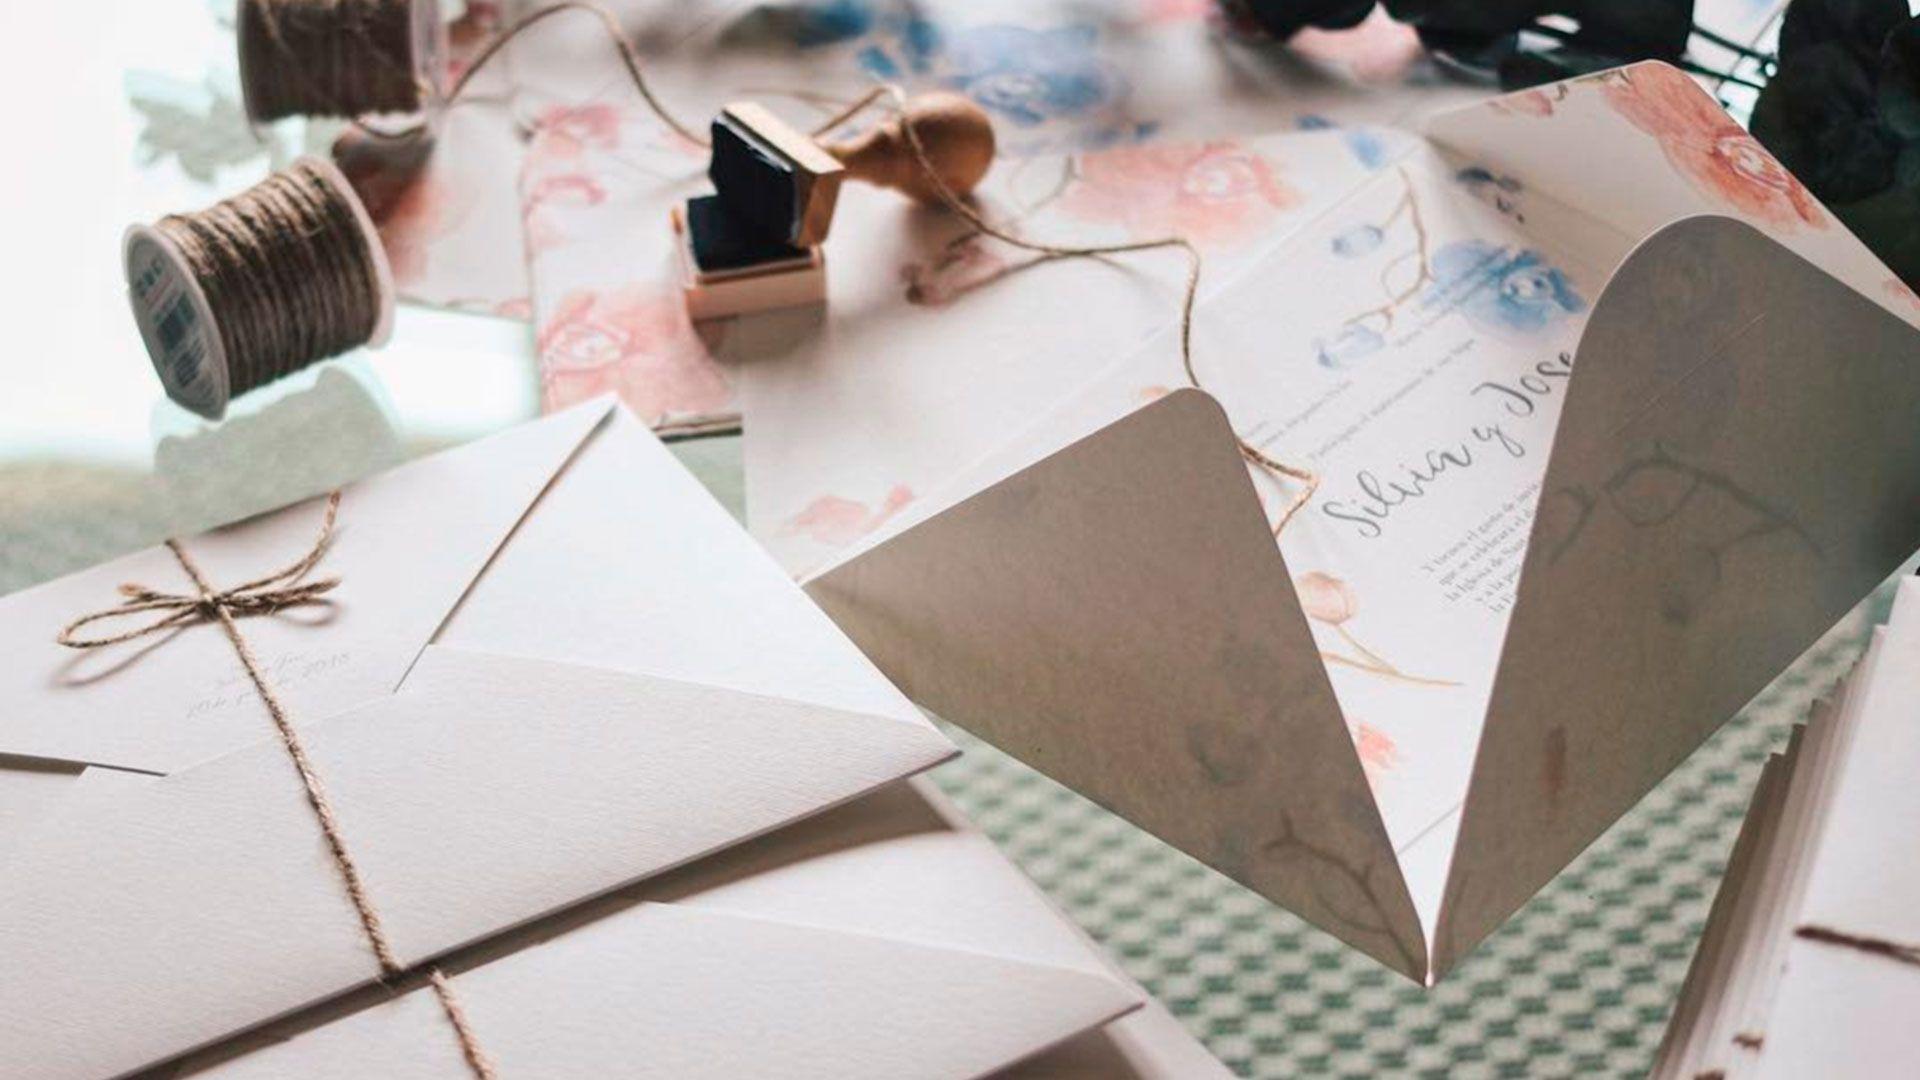 invitacion de boda para silvia benito personalizada con acuarelas realizadas a manio